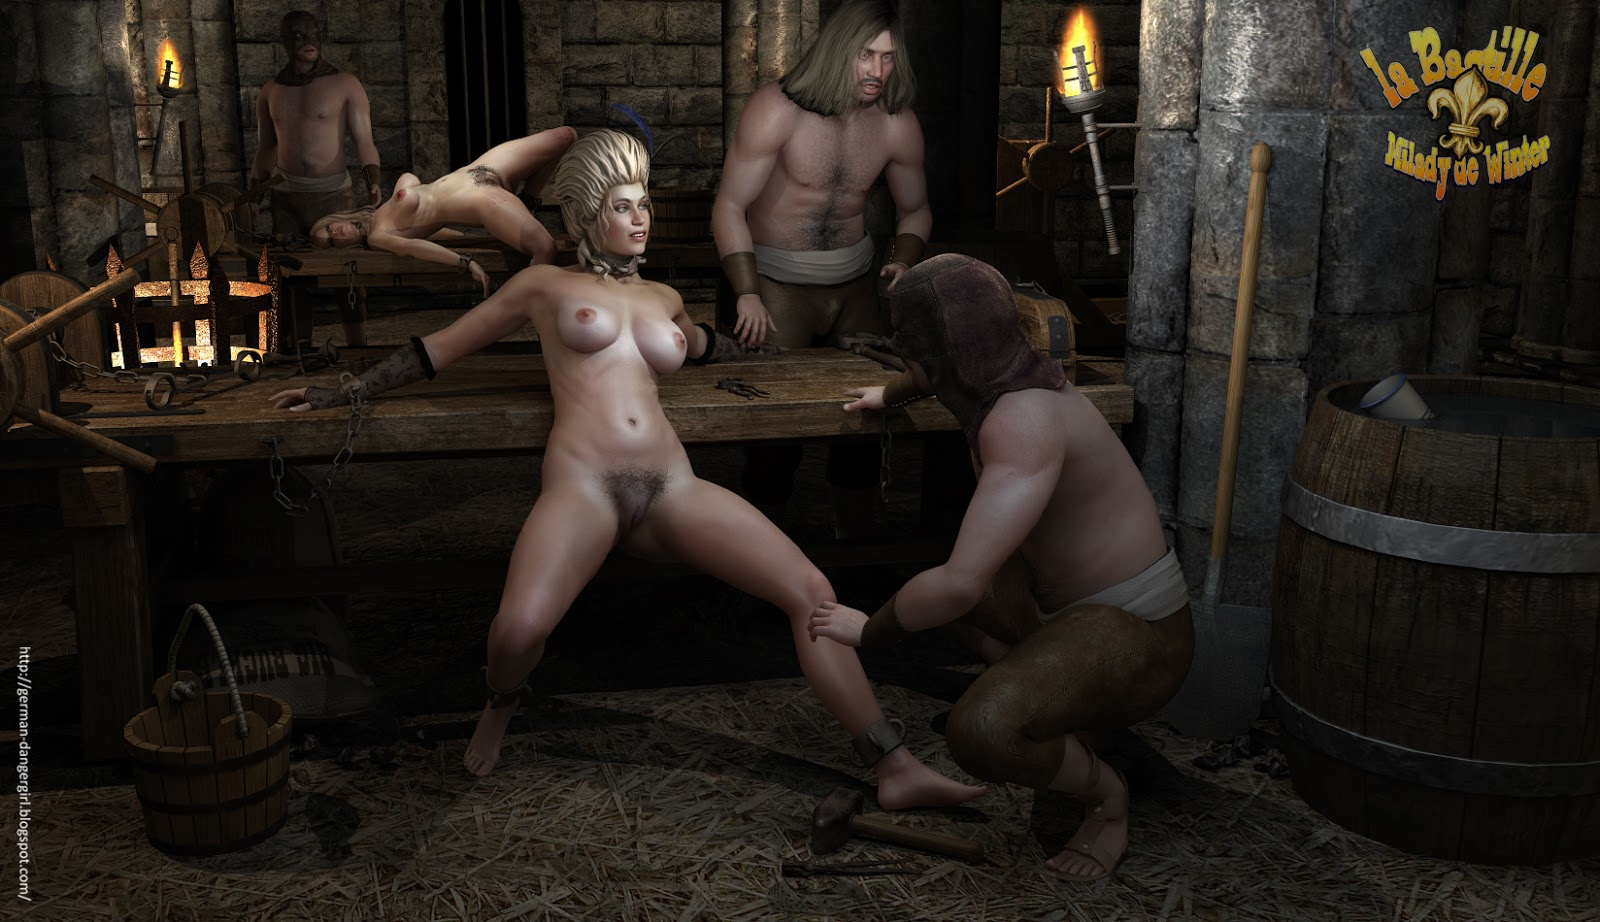 Рабыни в гареме в кандалах 11 фотография